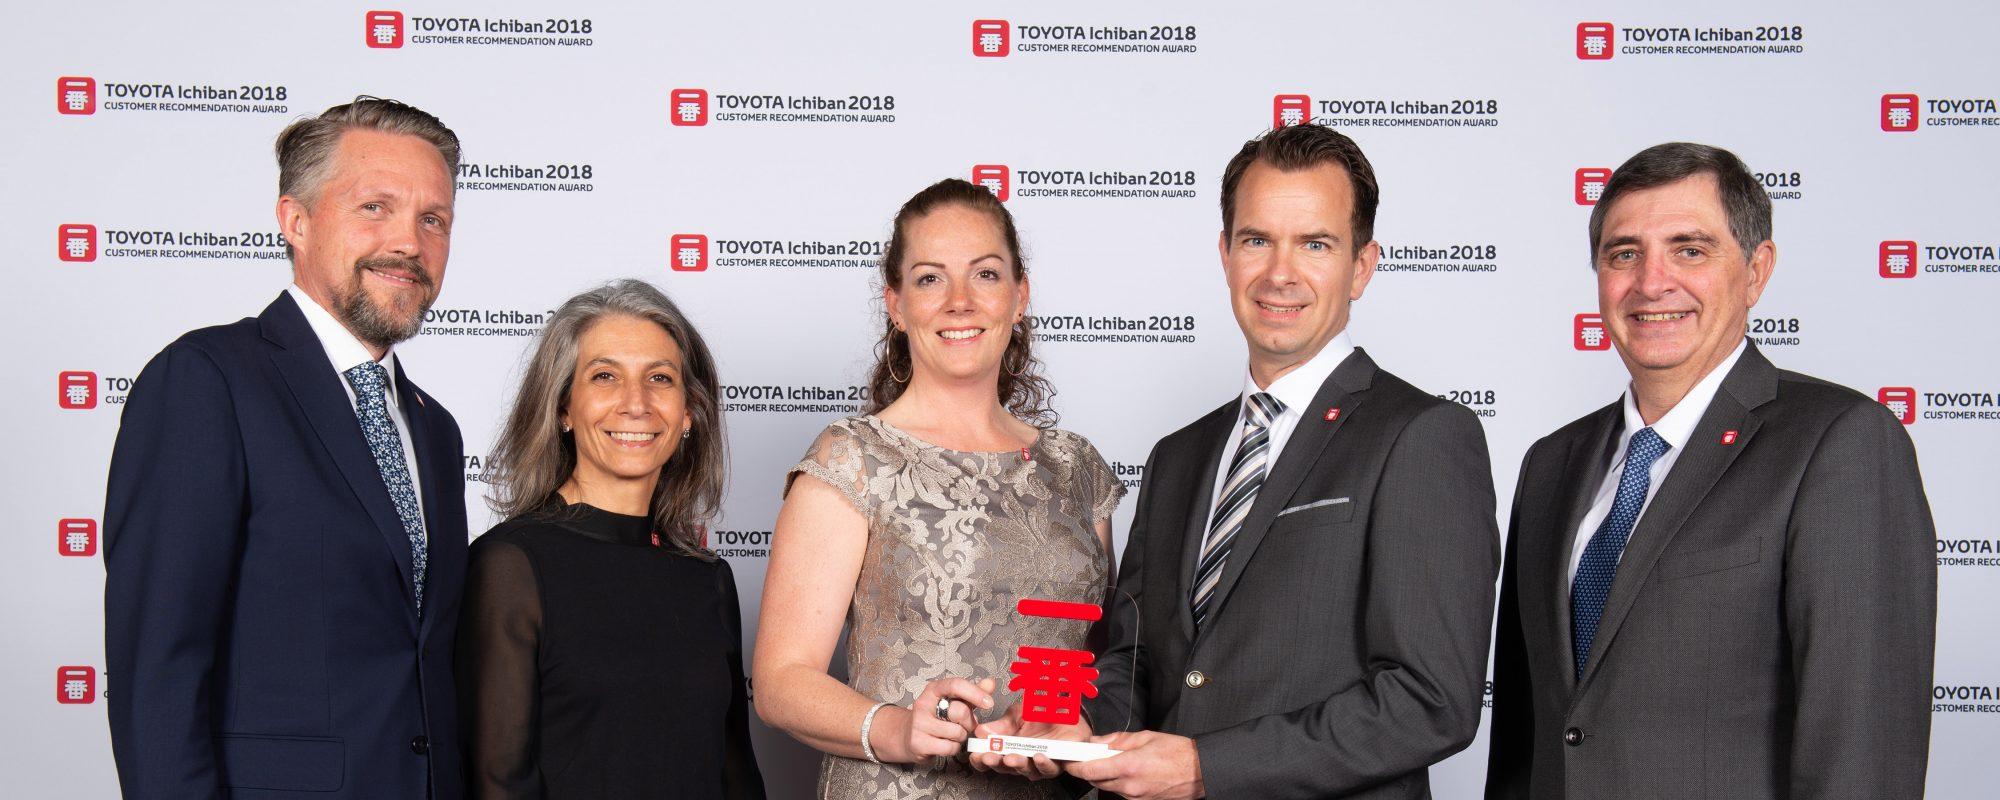 Toyota dealer Gebr. Van Gent wint voor tiende keer op rij prestigieuze Europese award voor klantervaring